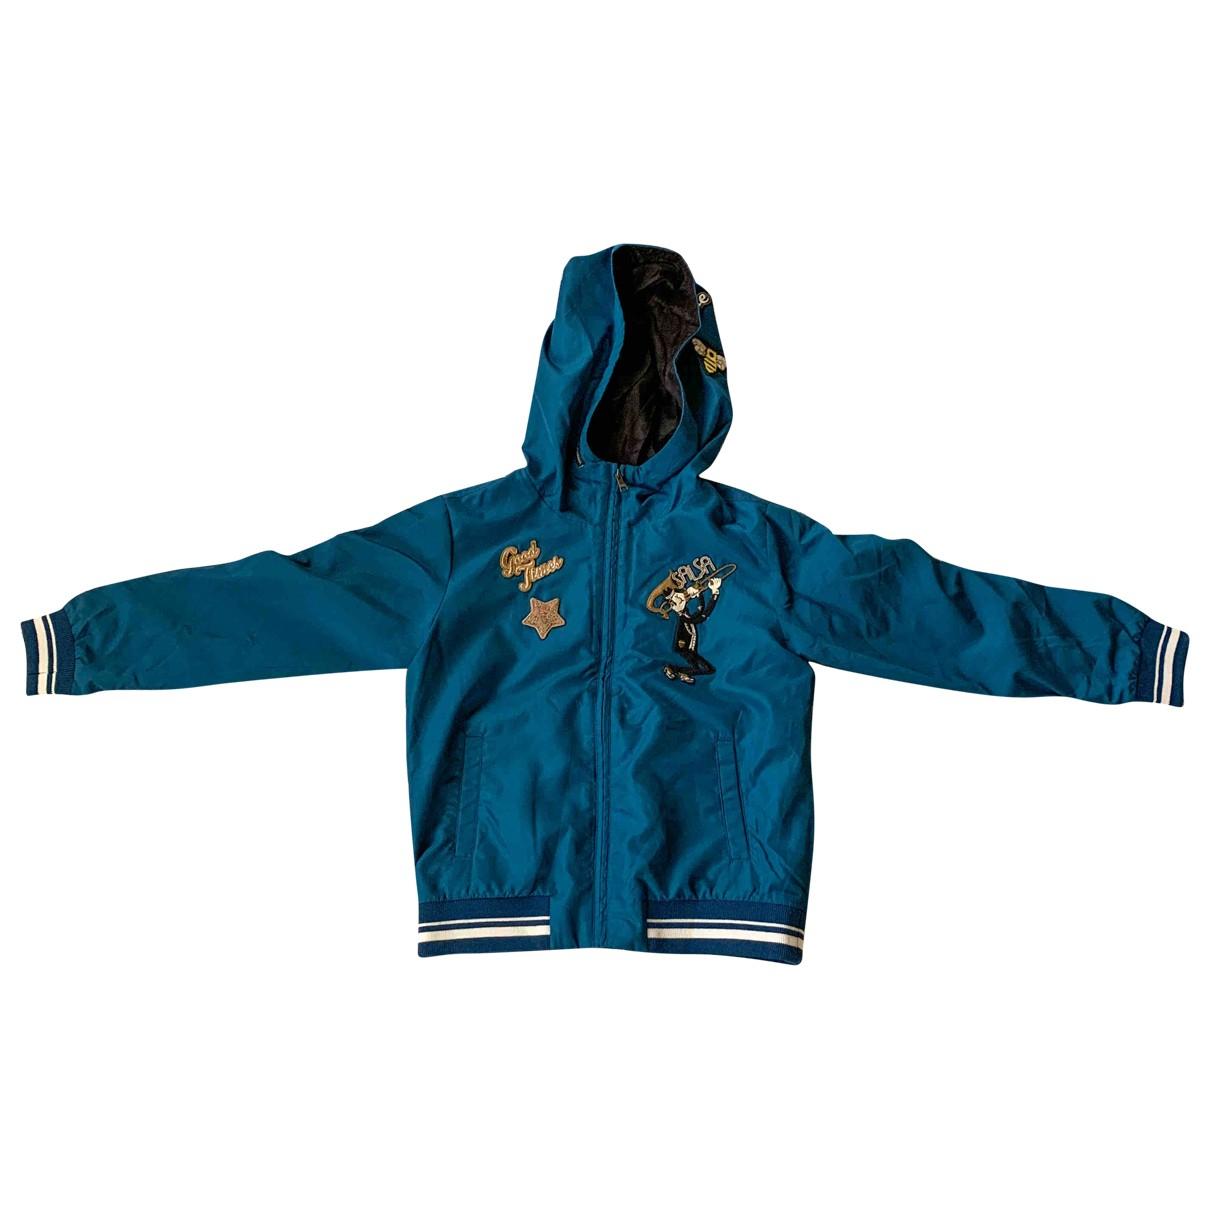 Dolce & Gabbana - Blousons.Manteaux   pour enfant - bleu